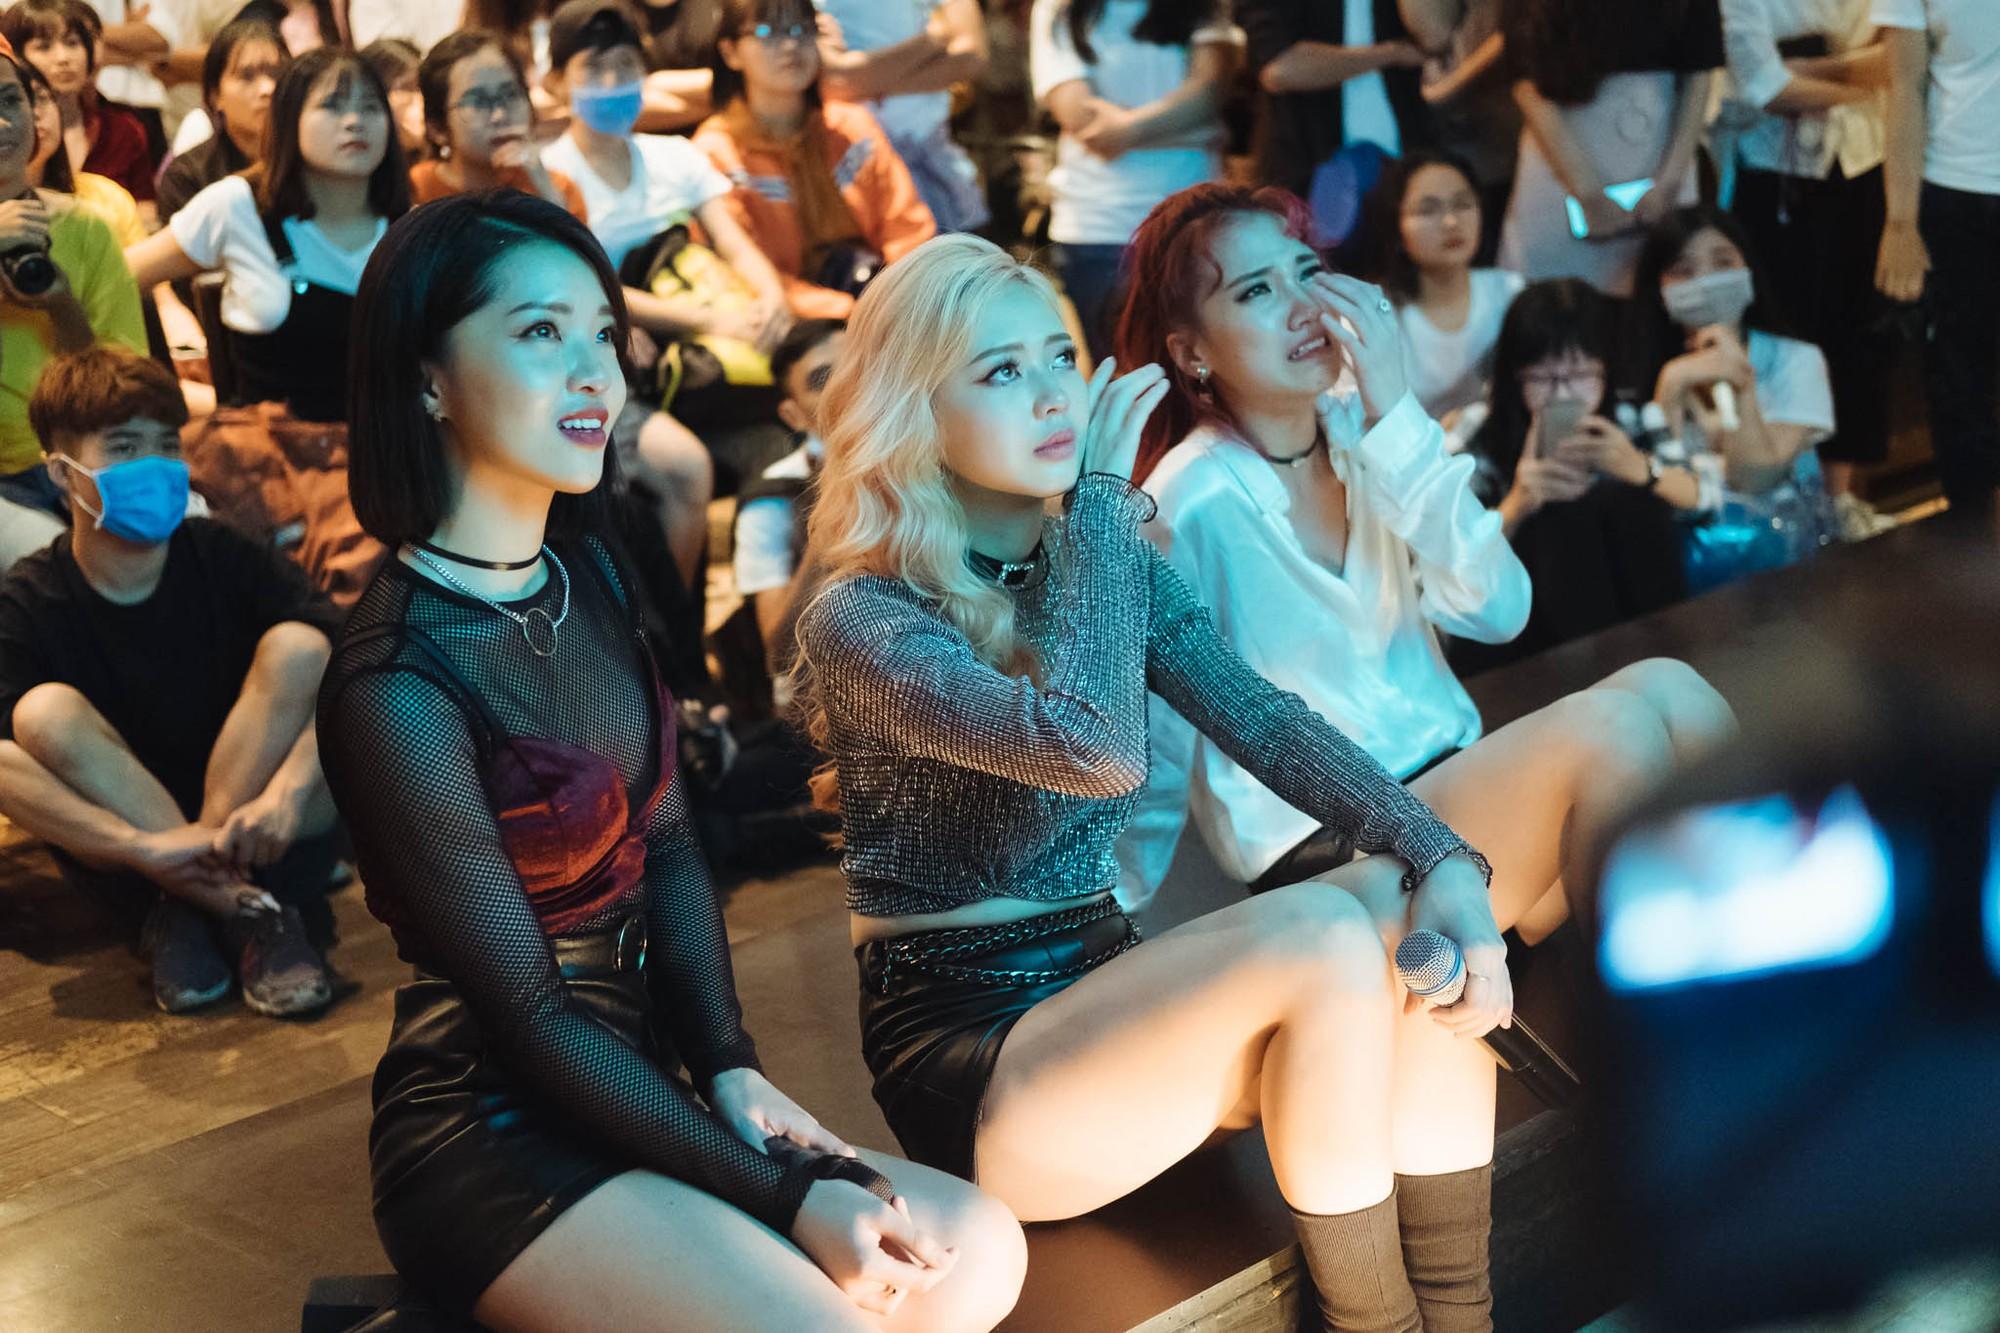 Từ bỏ hình ảnh dễ thương, LIME hóa thân thành những cô nàng tiệc tùng sexy trong MV mới - Ảnh 7.